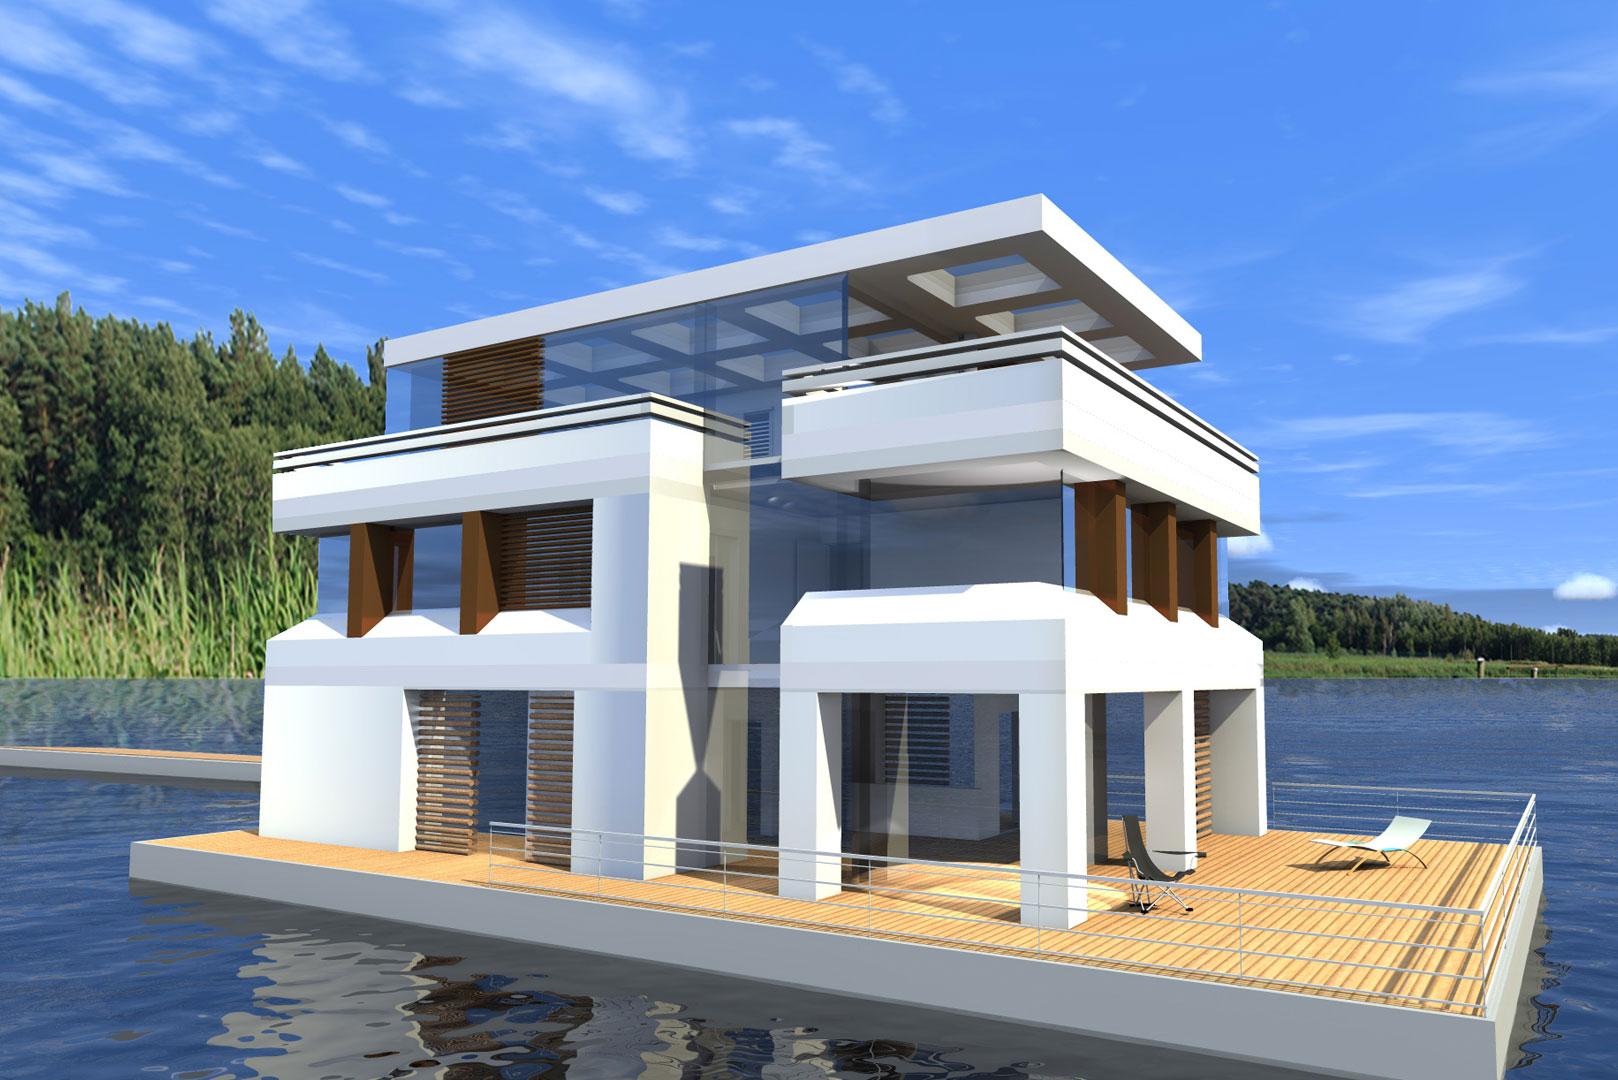 schwimmende h user floating 265 kaufen. Black Bedroom Furniture Sets. Home Design Ideas